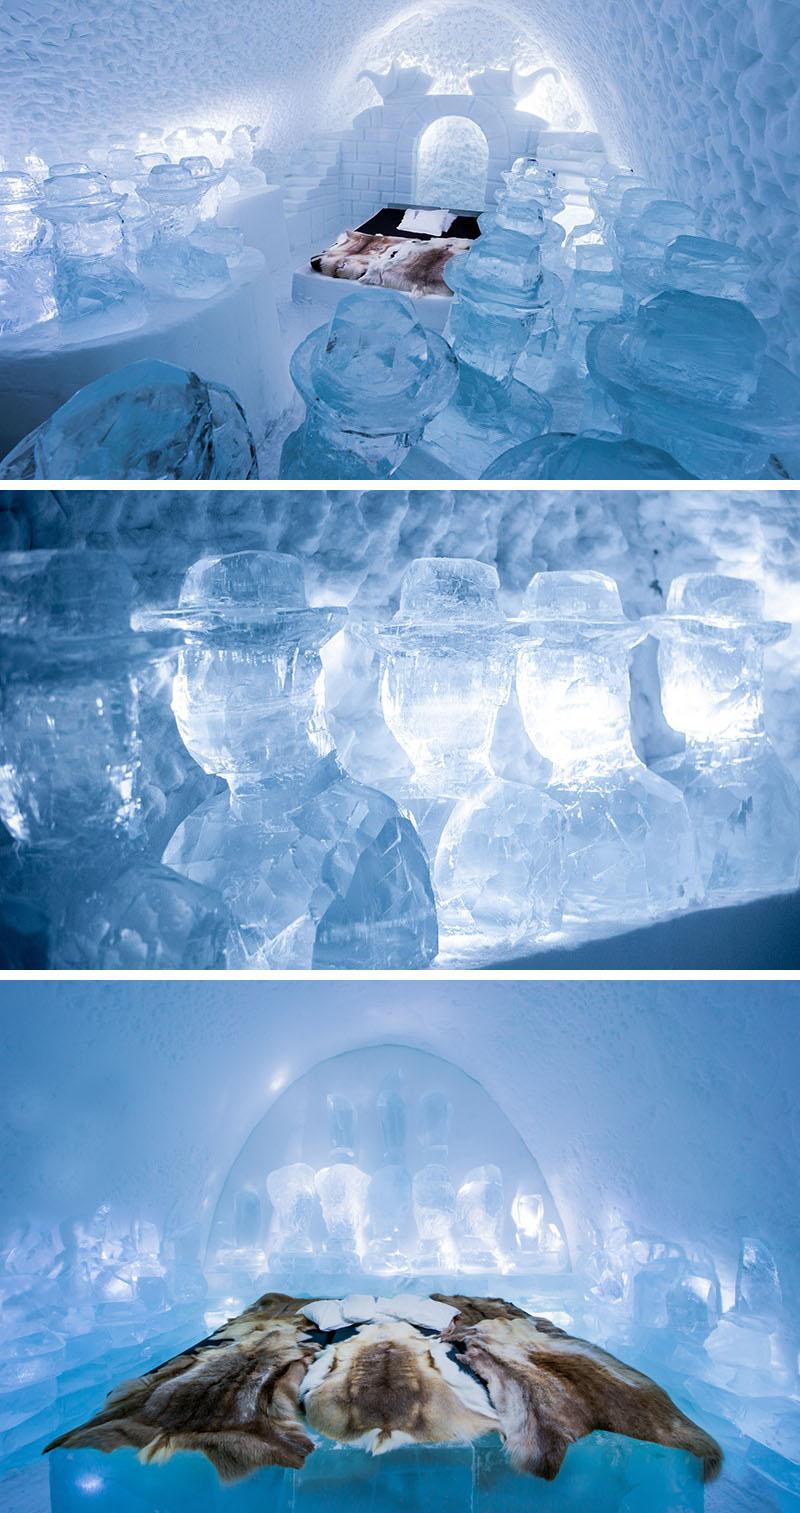 Apartamentele din aripa ICEHOTEL 365  - Design deosebit pentru un hotel de gheata